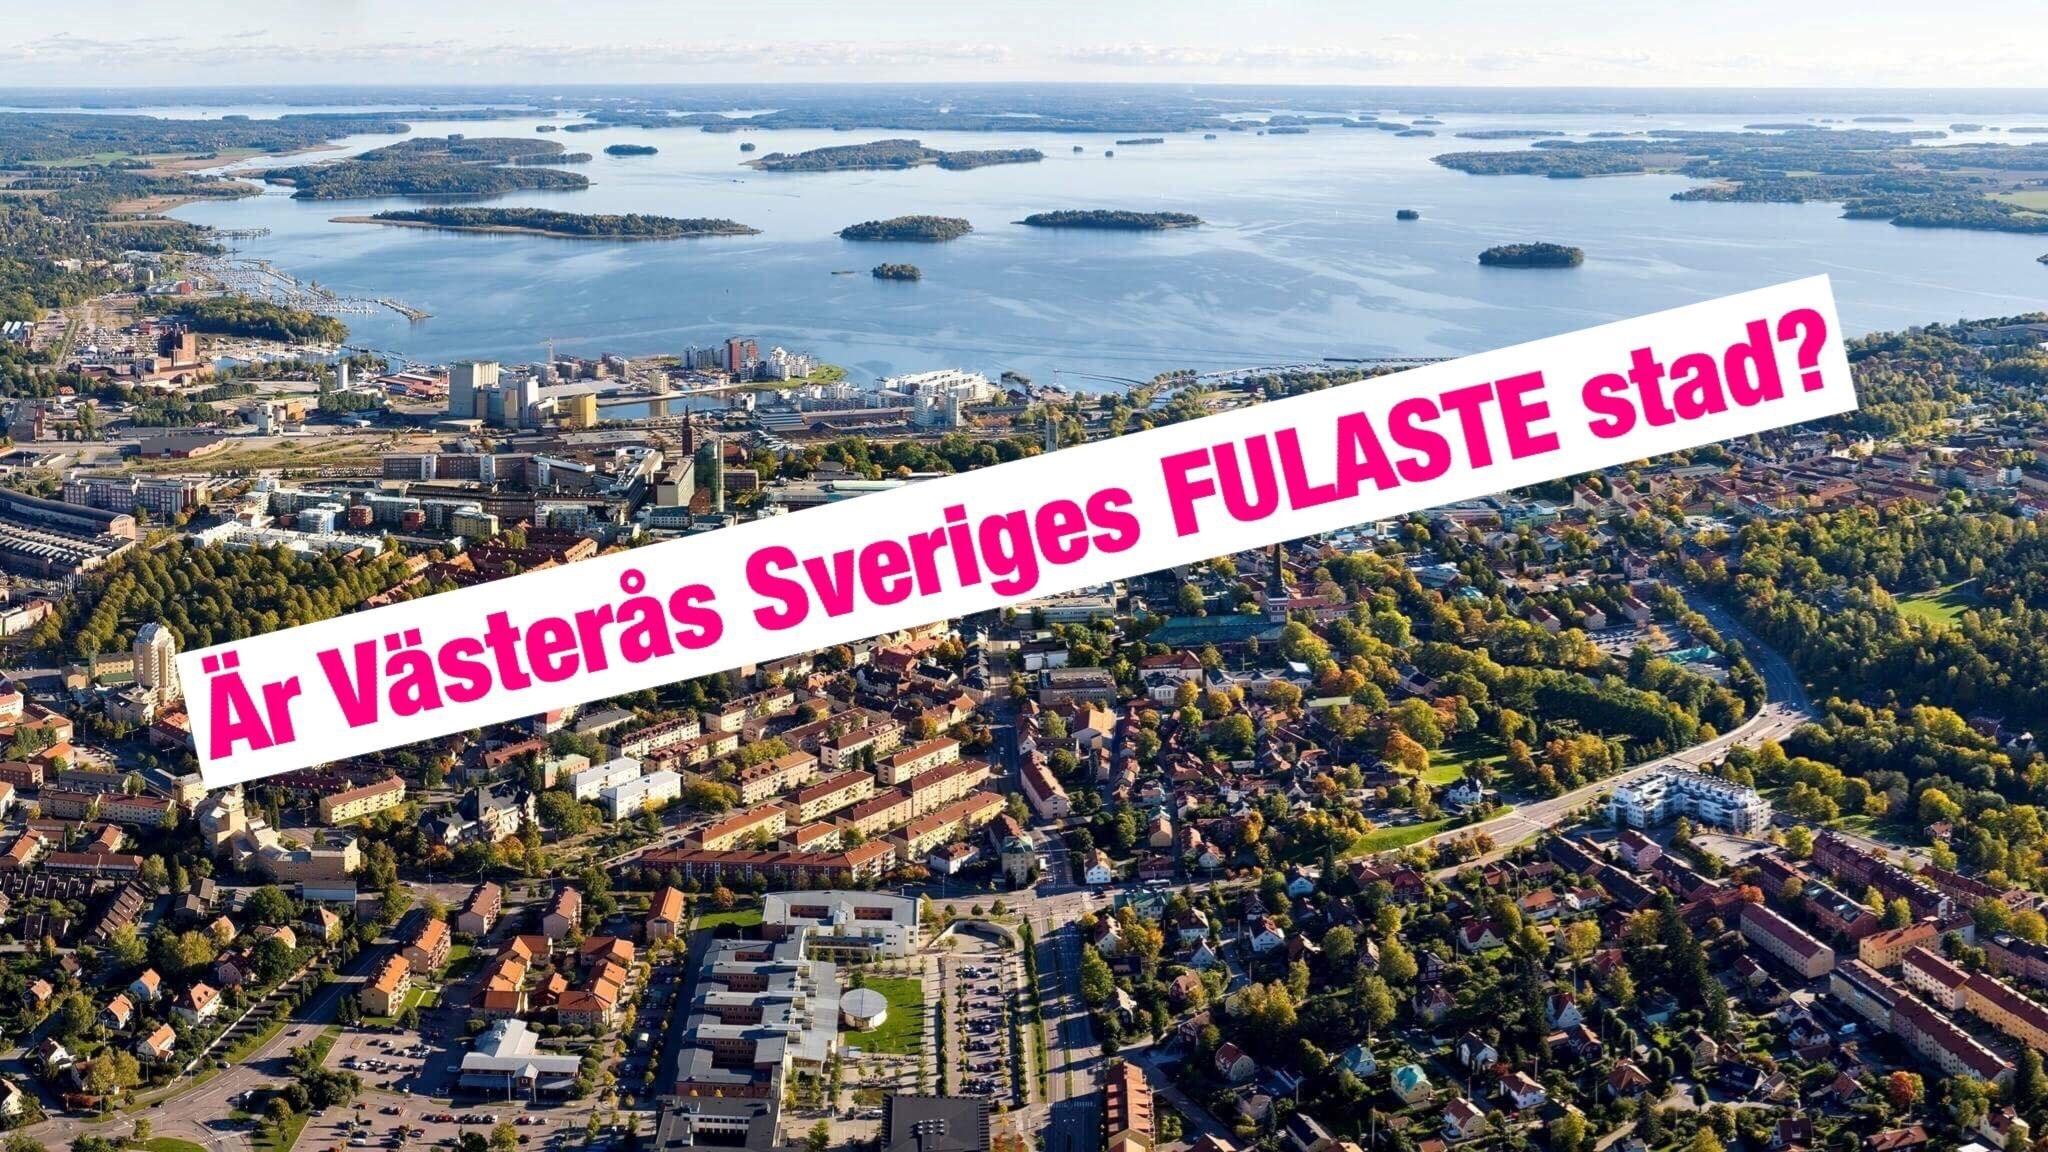 Image Result For Sveriges Fulaste Stad